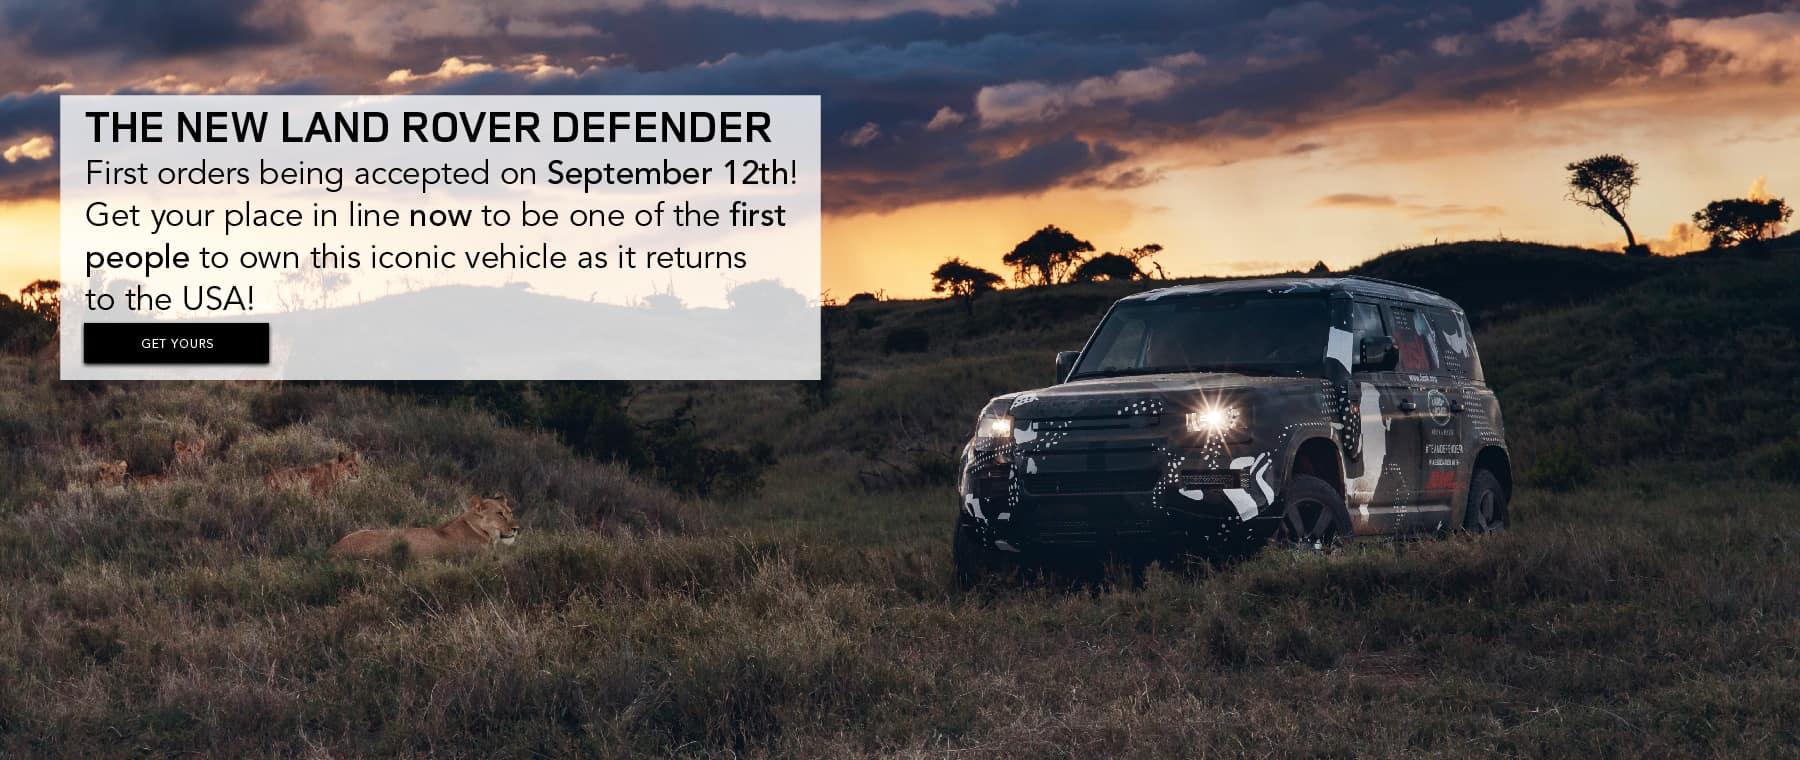 Land Rover Alexandria | Land Rover Dealer in Alexandria, VA